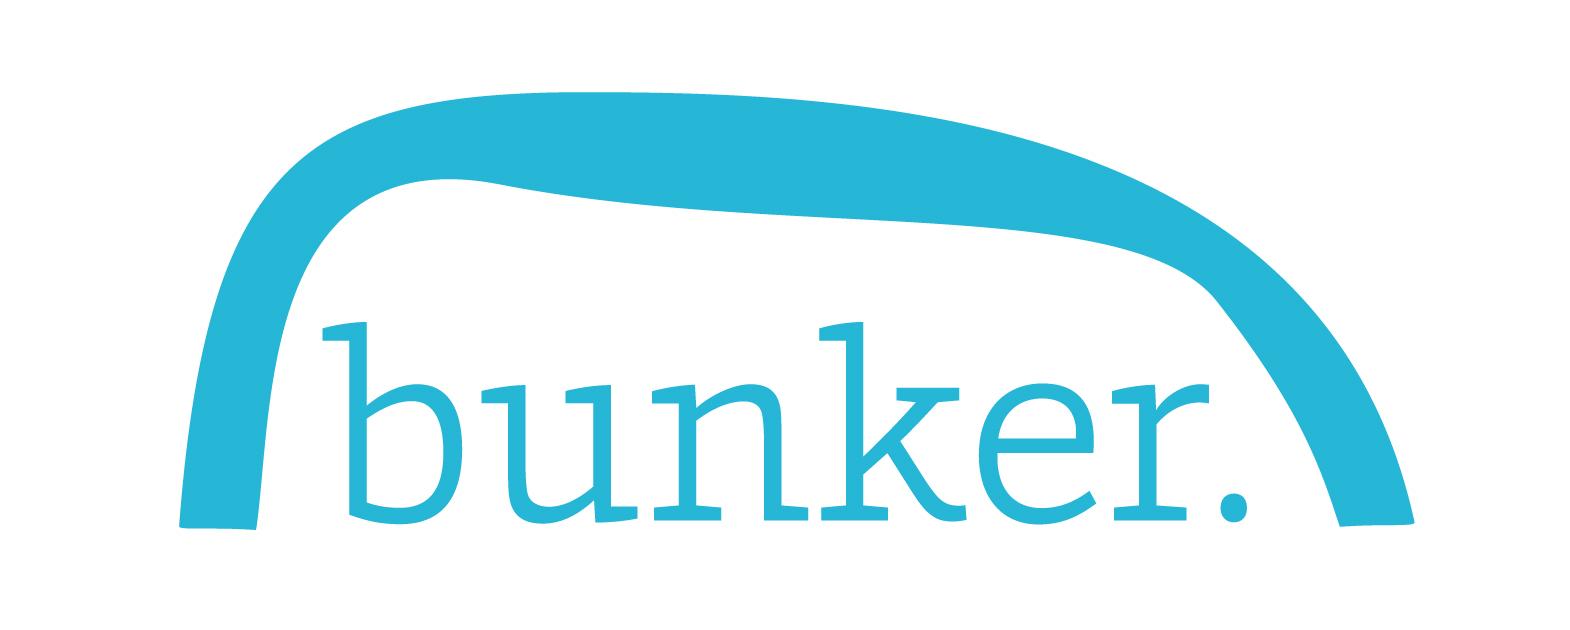 bunker_logo_blue